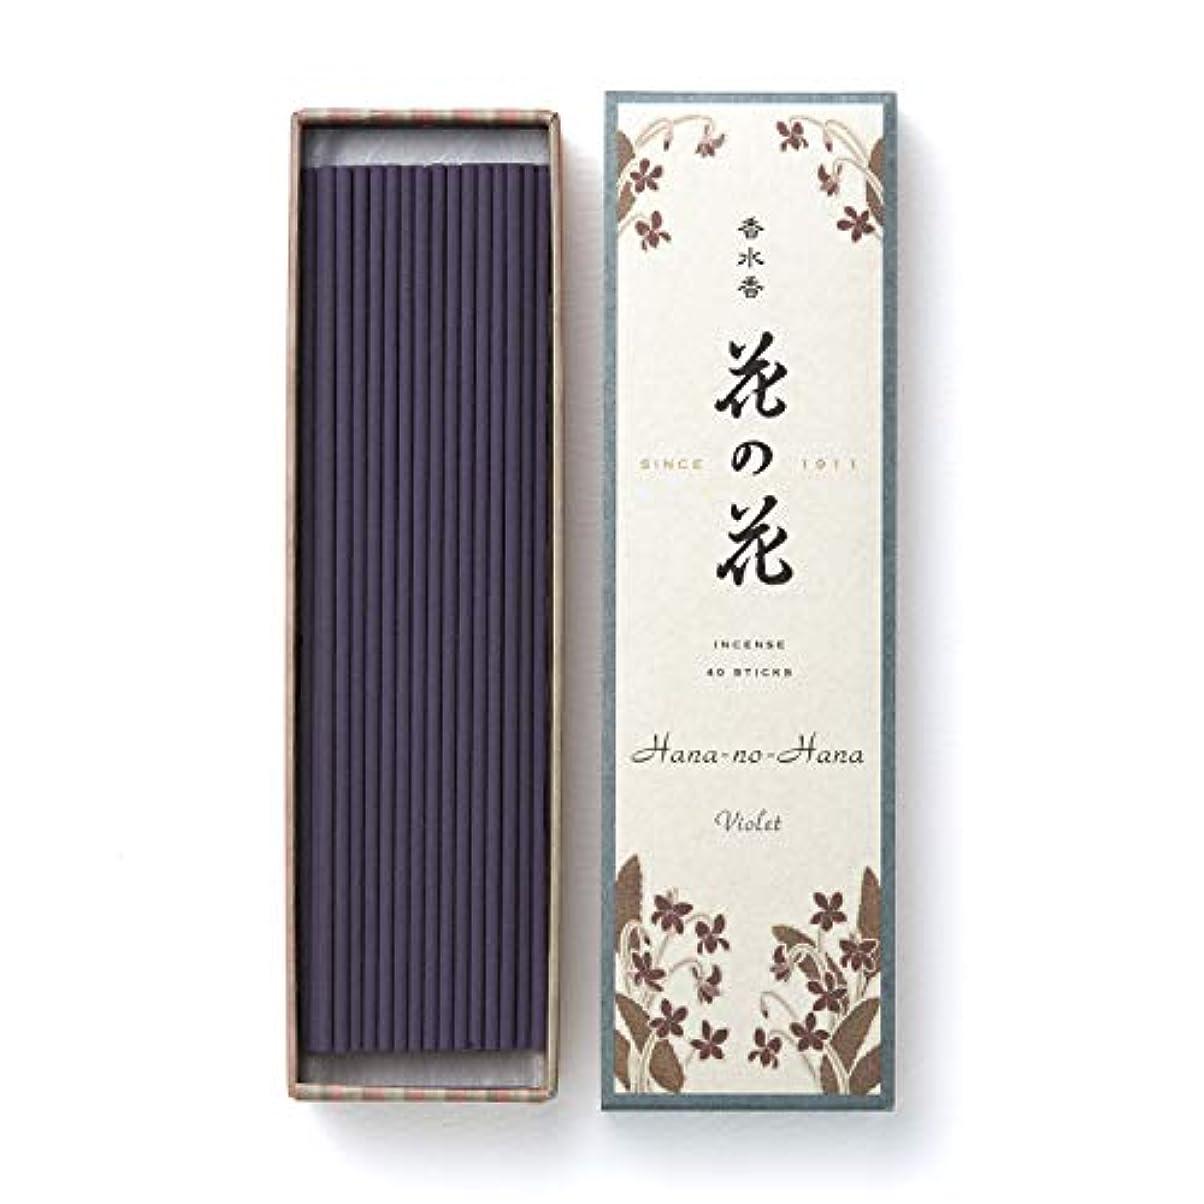 オーバーフロー地獄屋内日本香堂 花の花 すみれ 長寸40本入